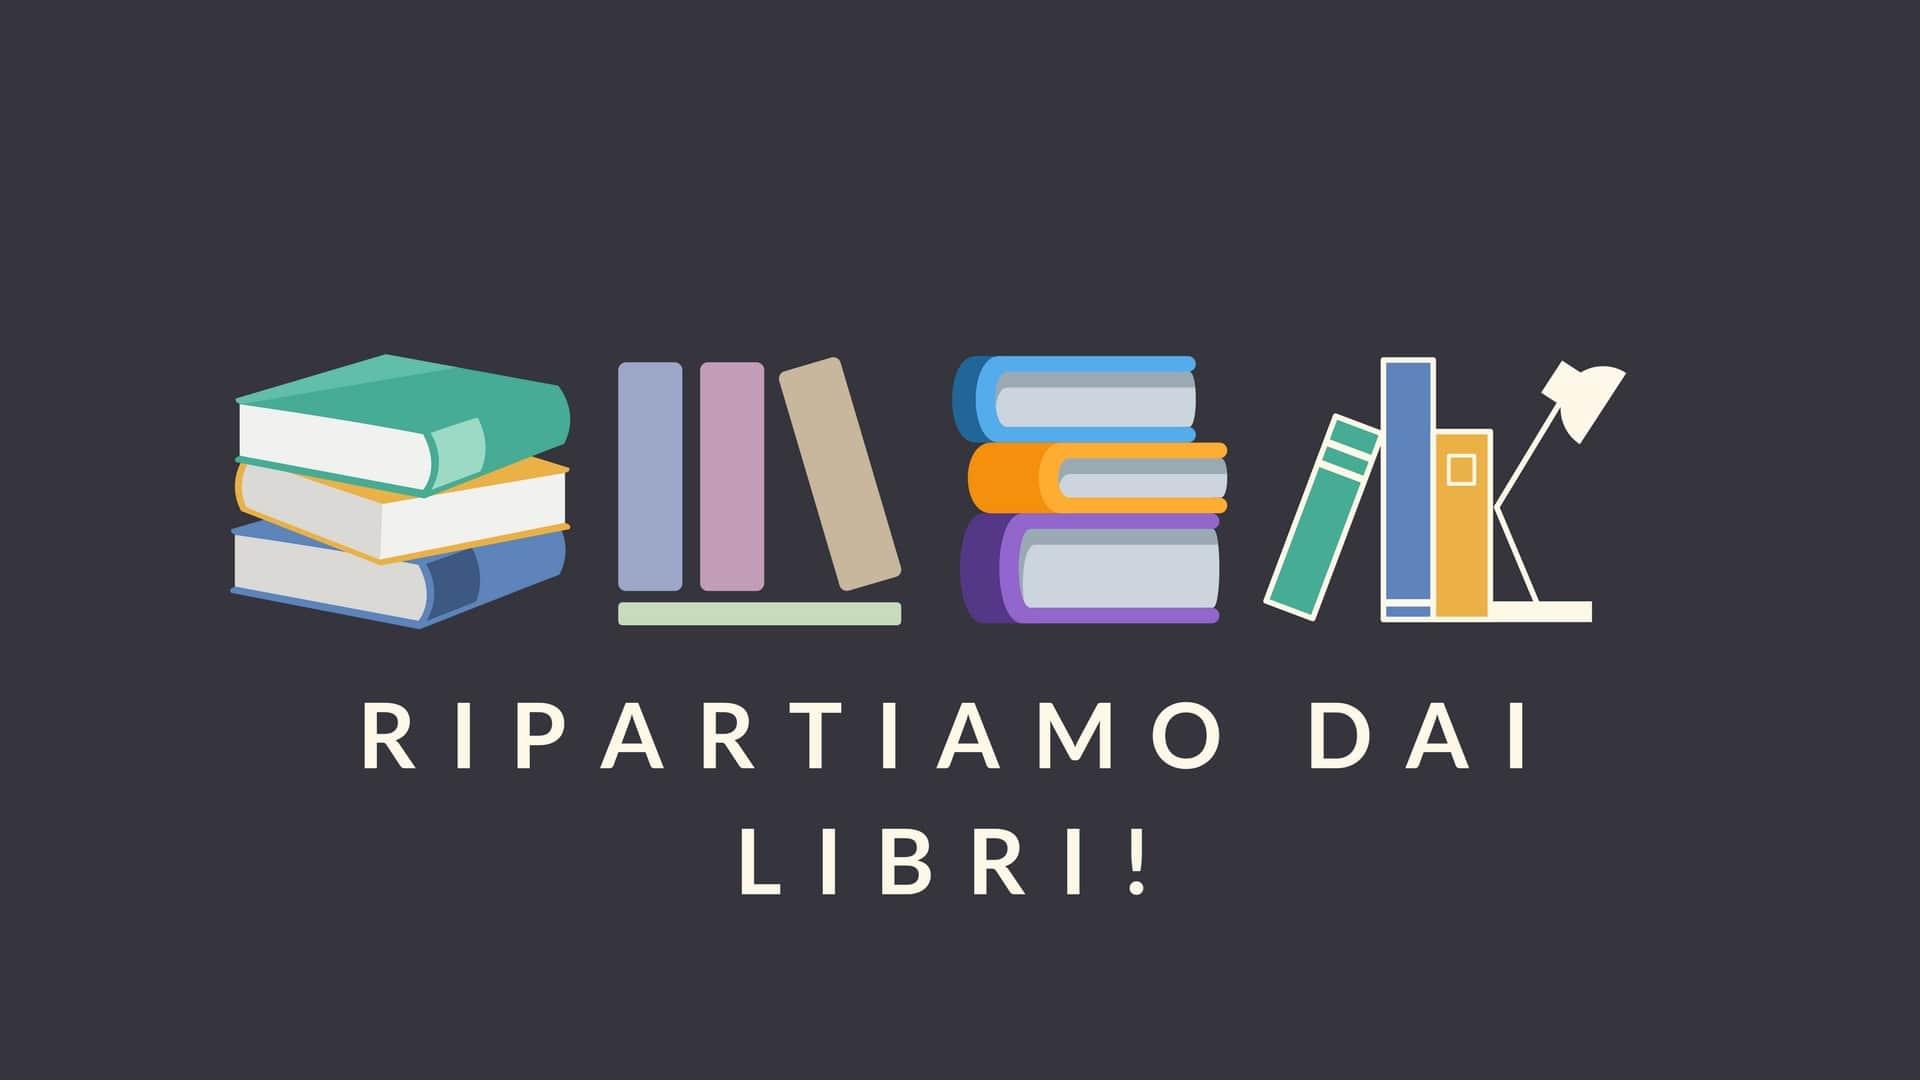 ripartiamo dai libri